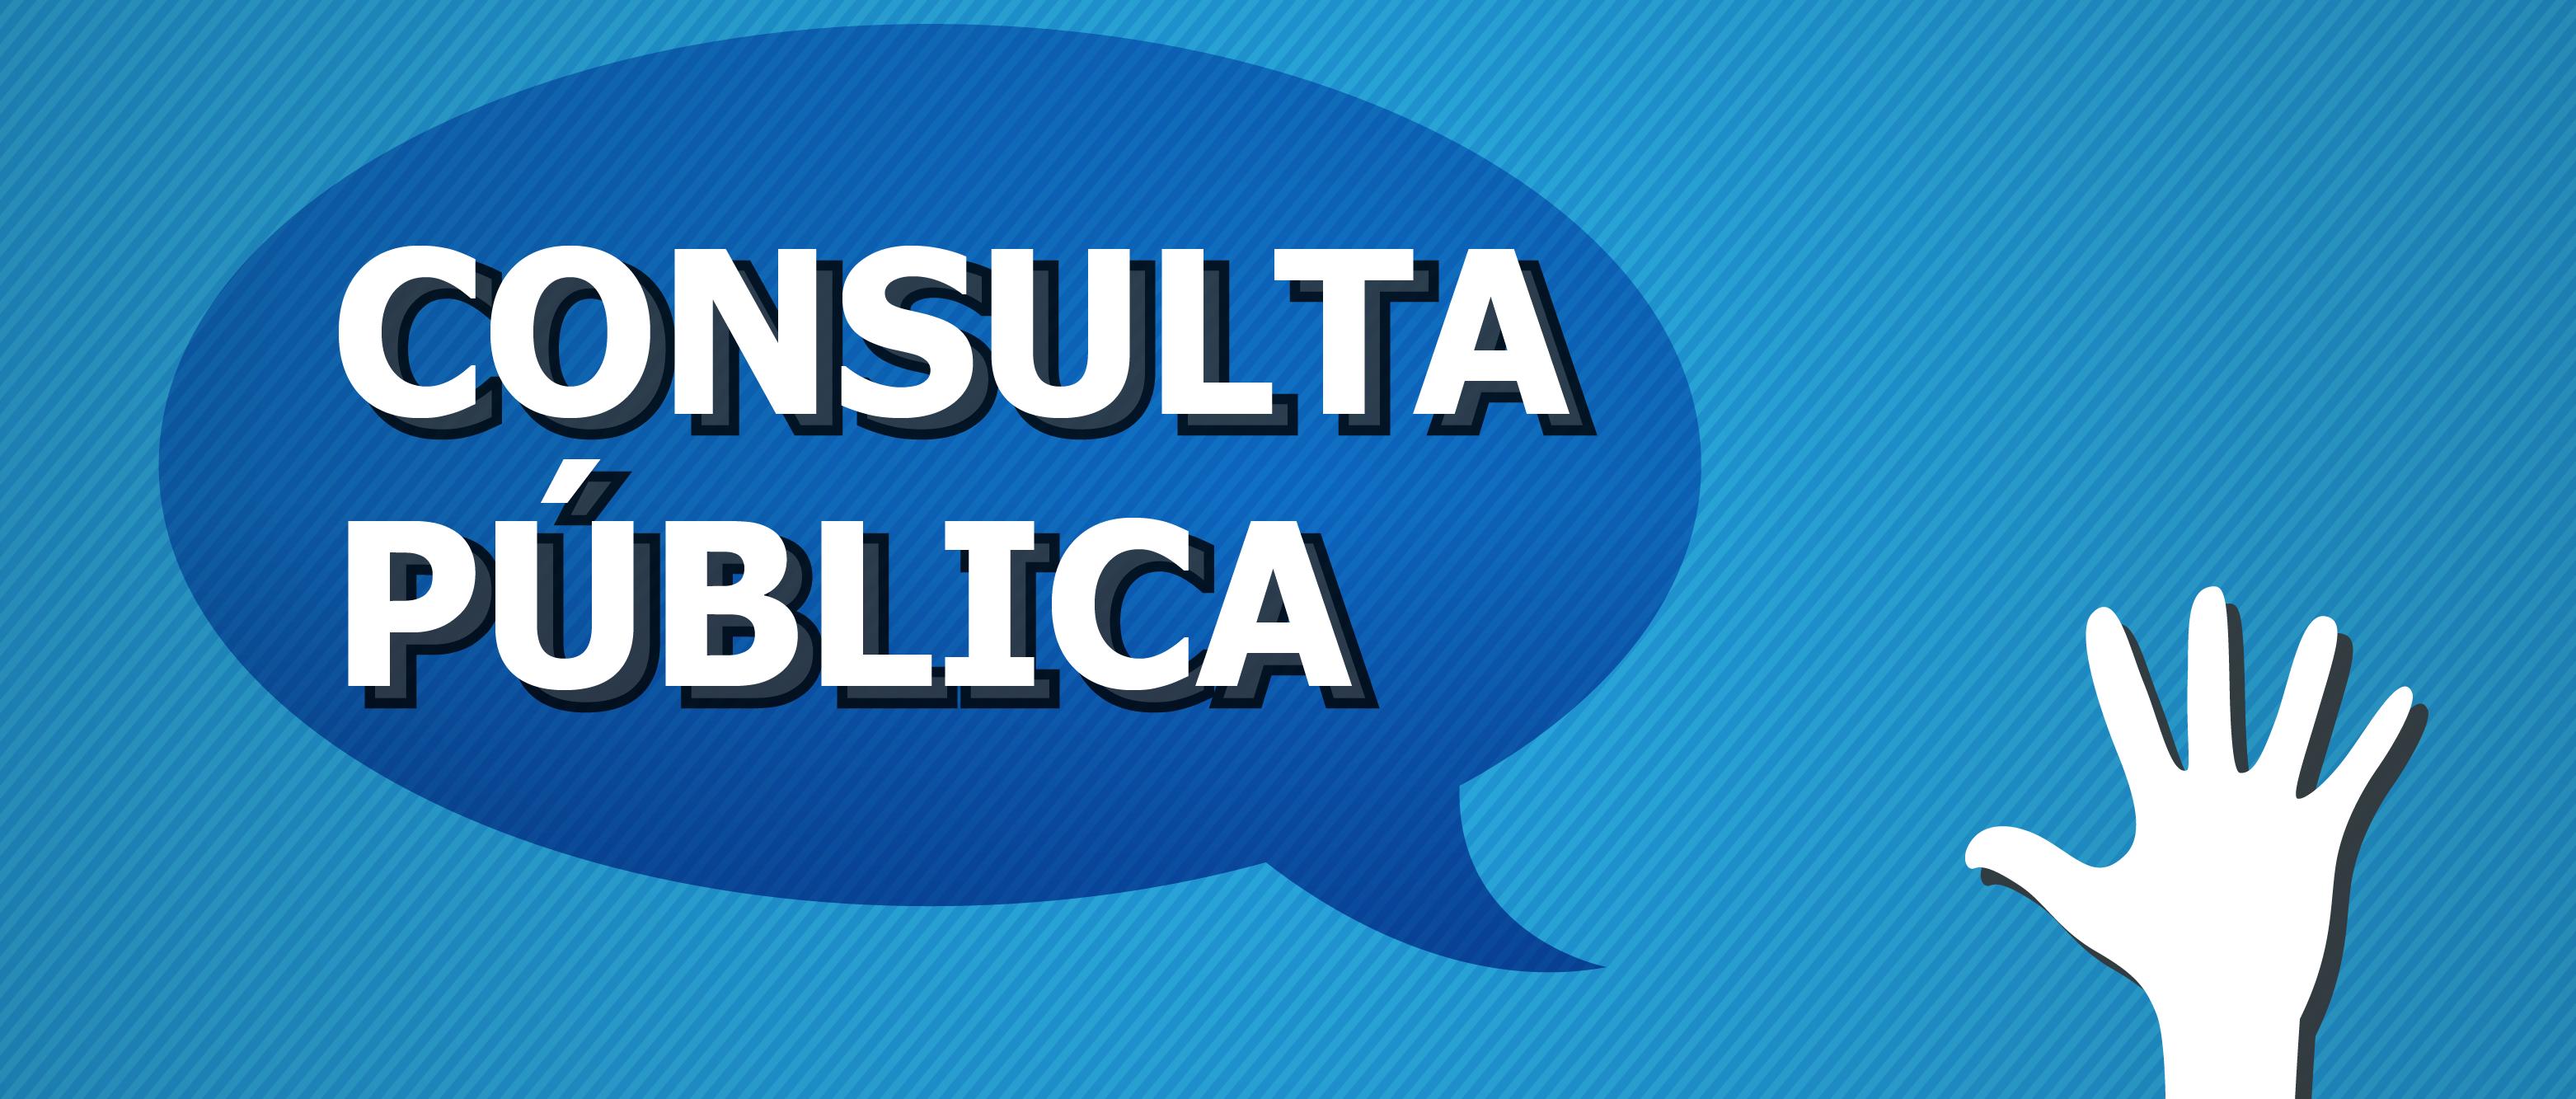 Consulta Pública para revisão da Política de Assistência Estudantil